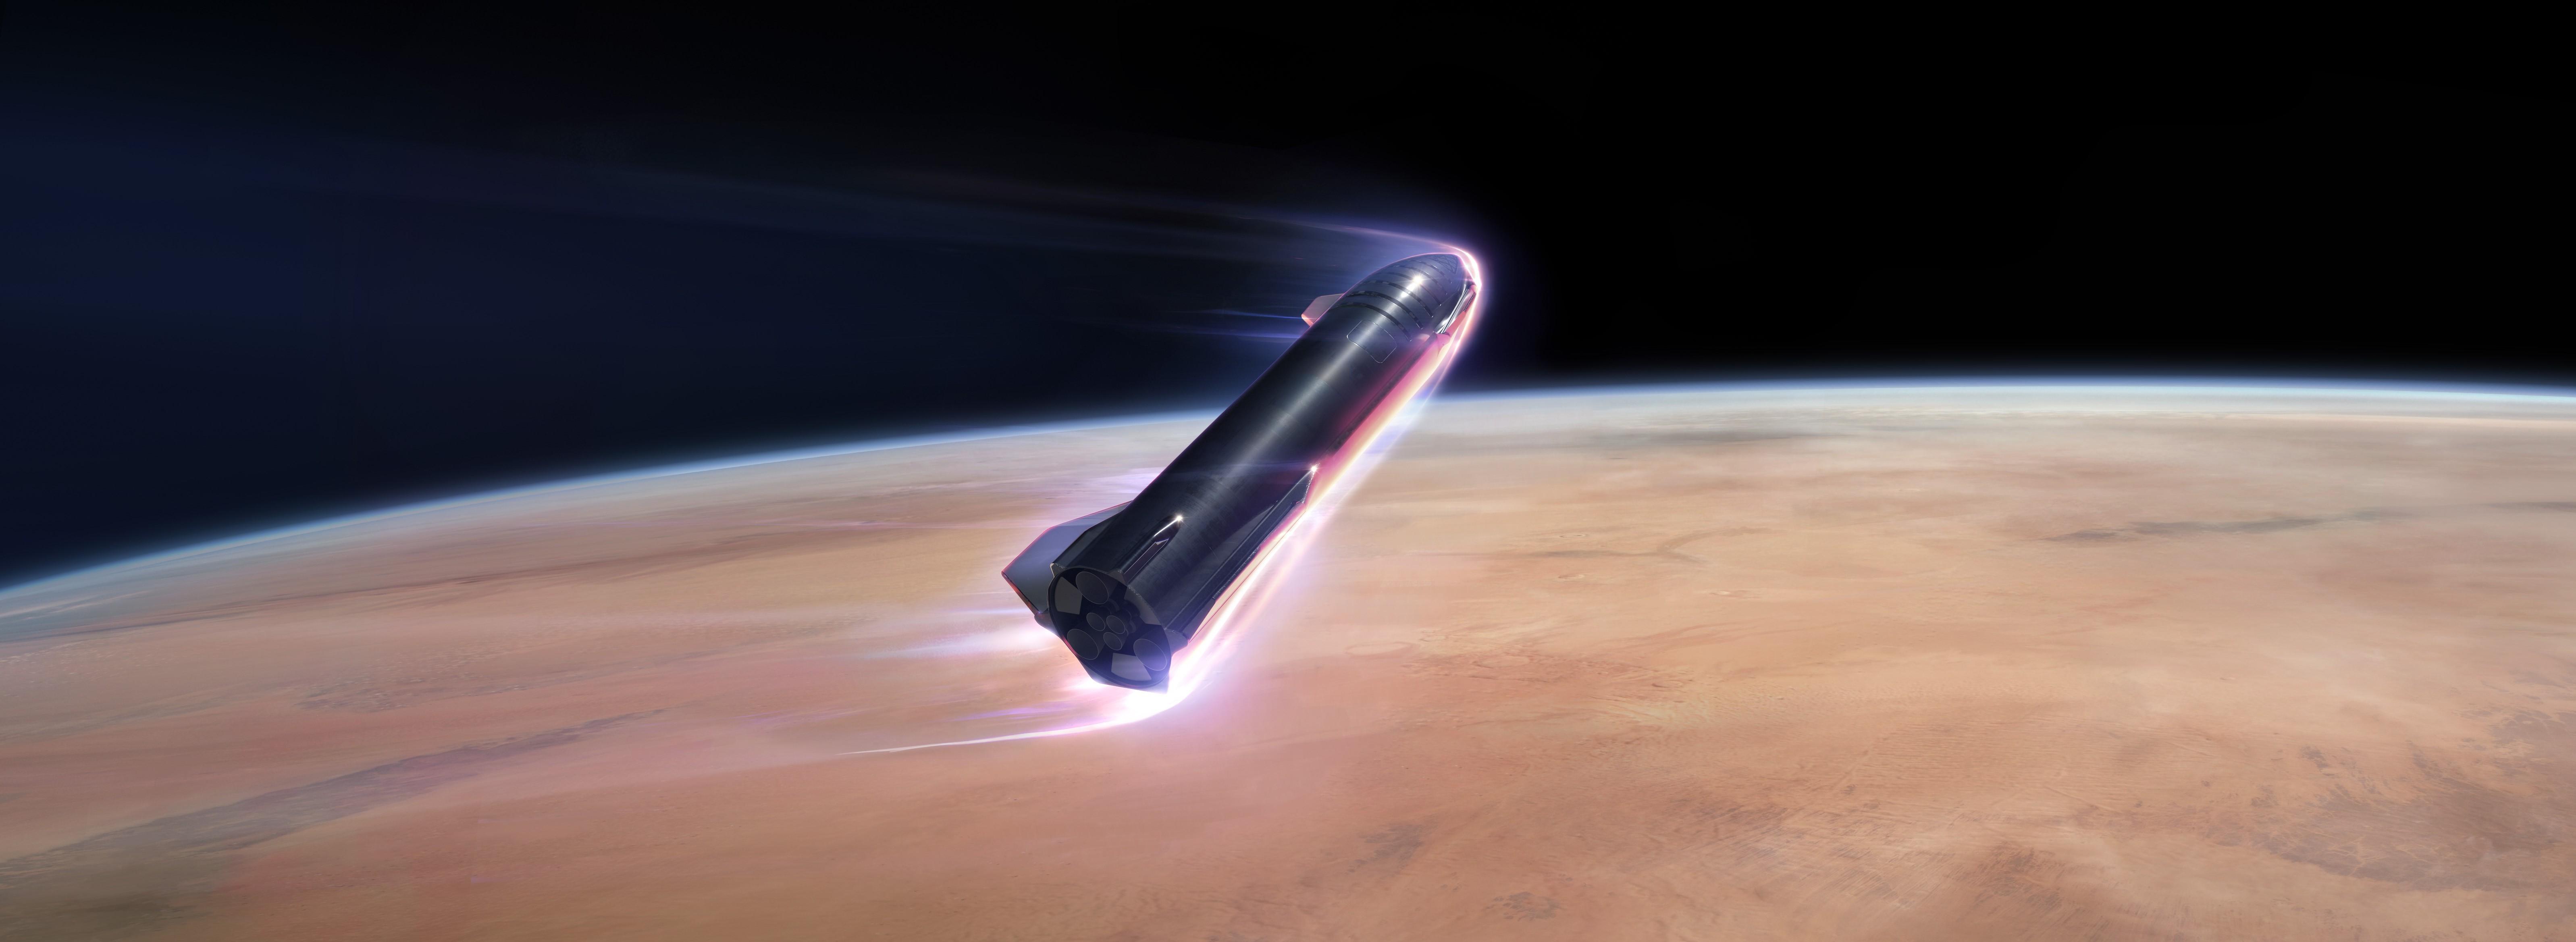 Starship 2019 Mars reentry render (SpaceX) 1 crop 2